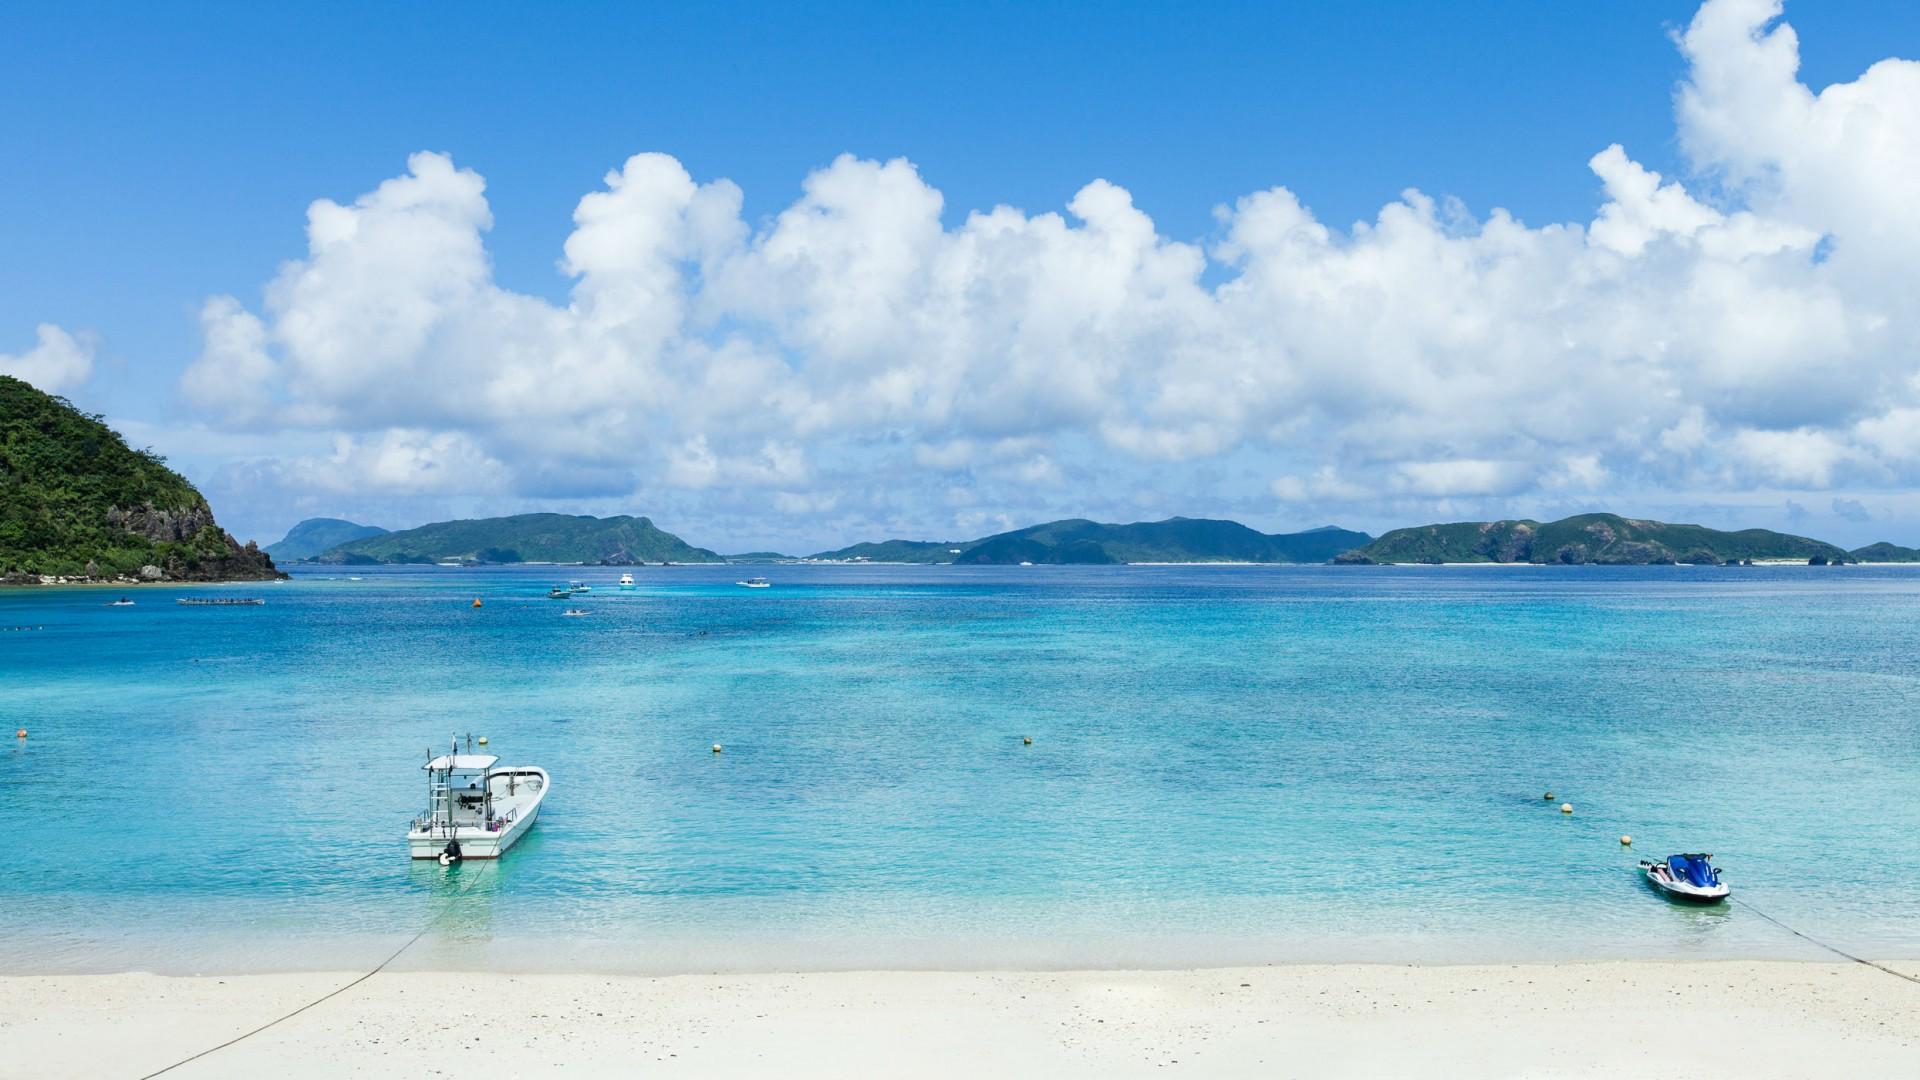 Kerama Islands, Japan